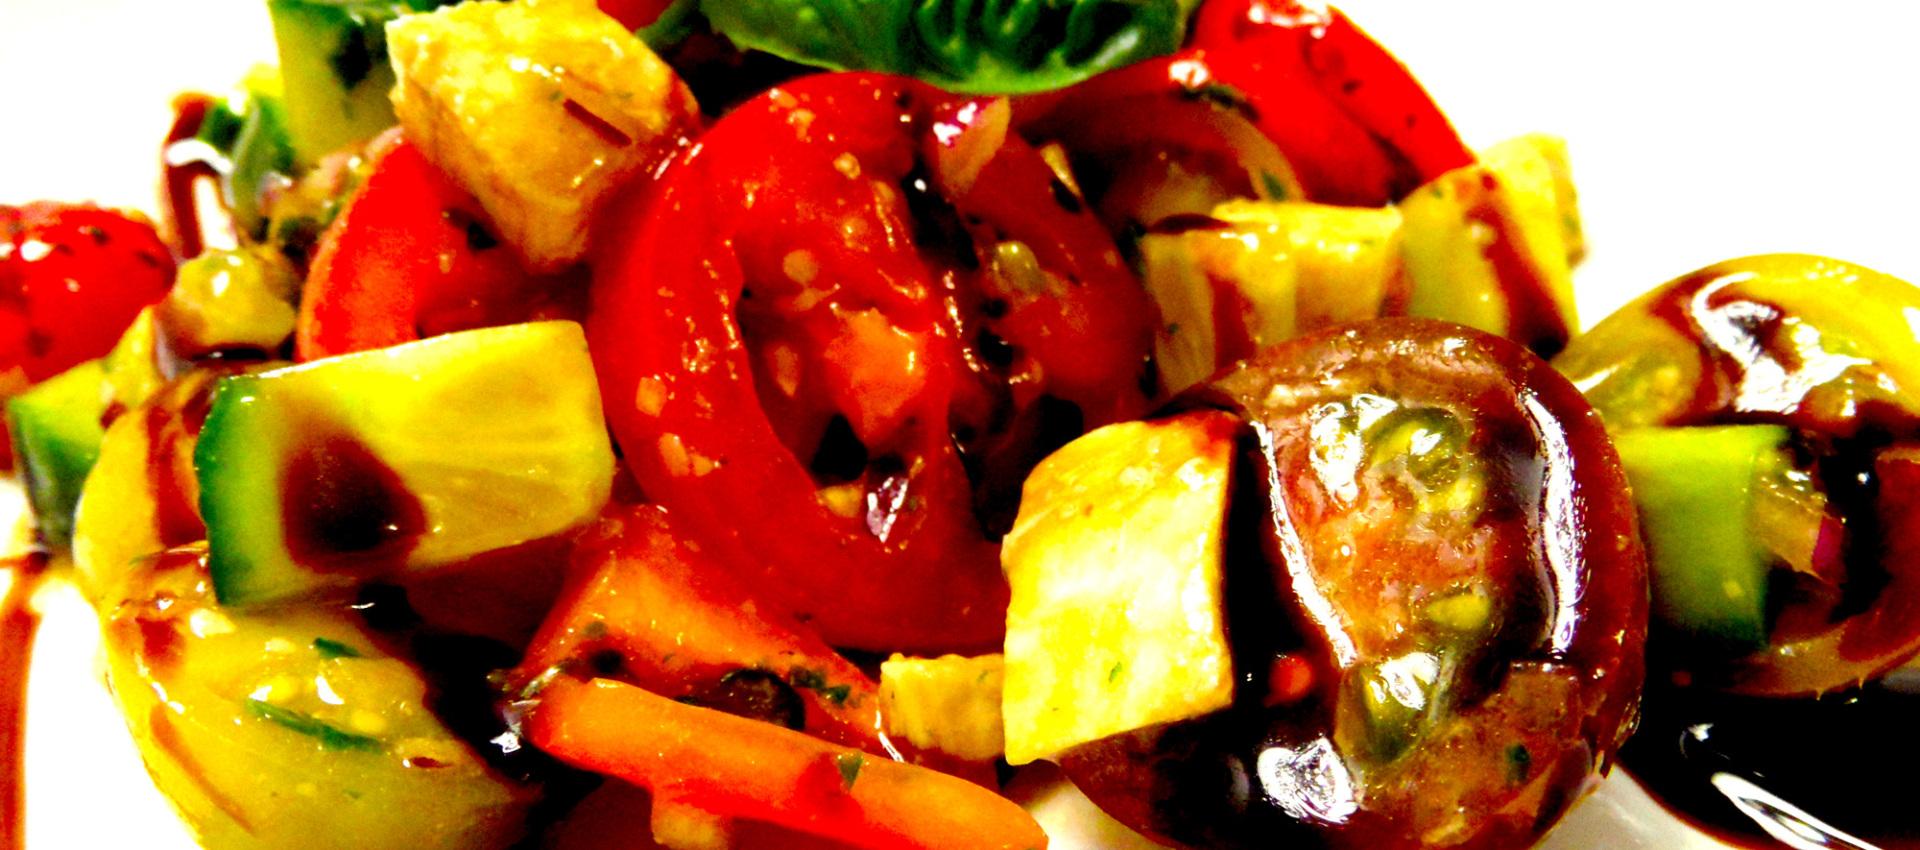 Rezept frischer Tomatensalat mit Basilikum-Dressing - Kochbock.de